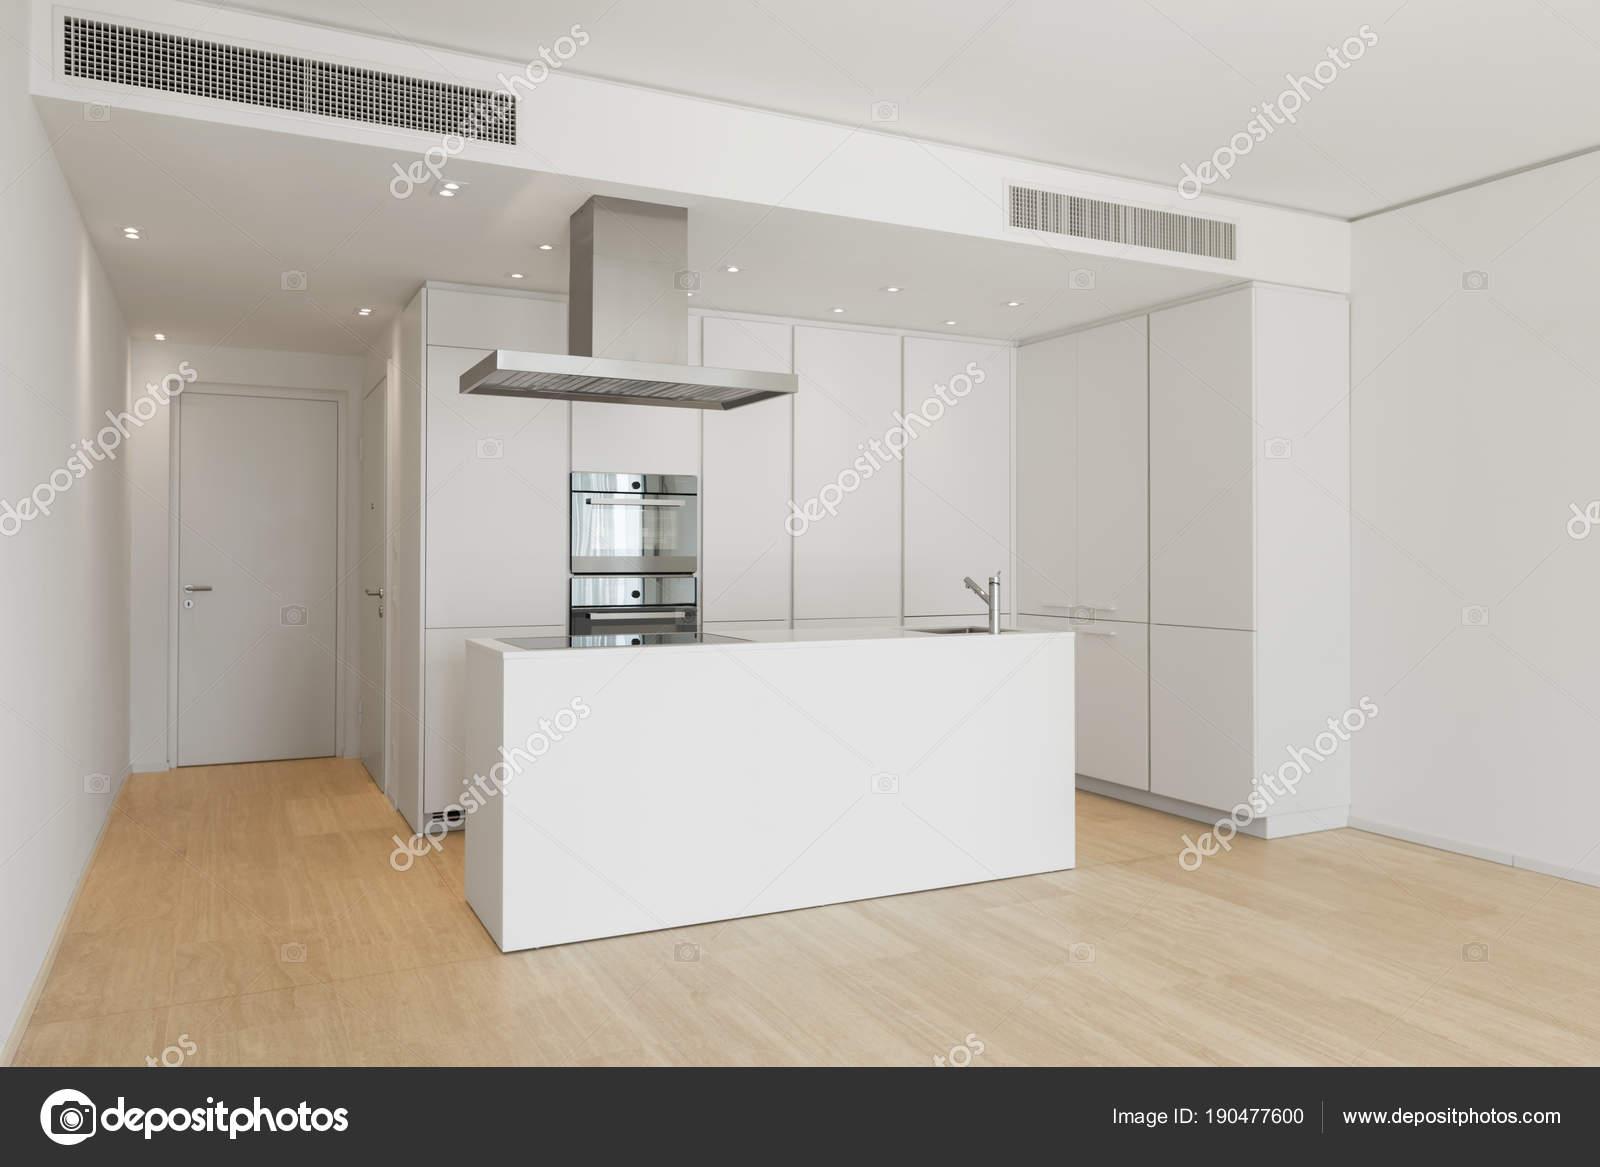 Wunderbar Küche Inseln Ideen Pläne Bilder - Küchen Design Ideen ...